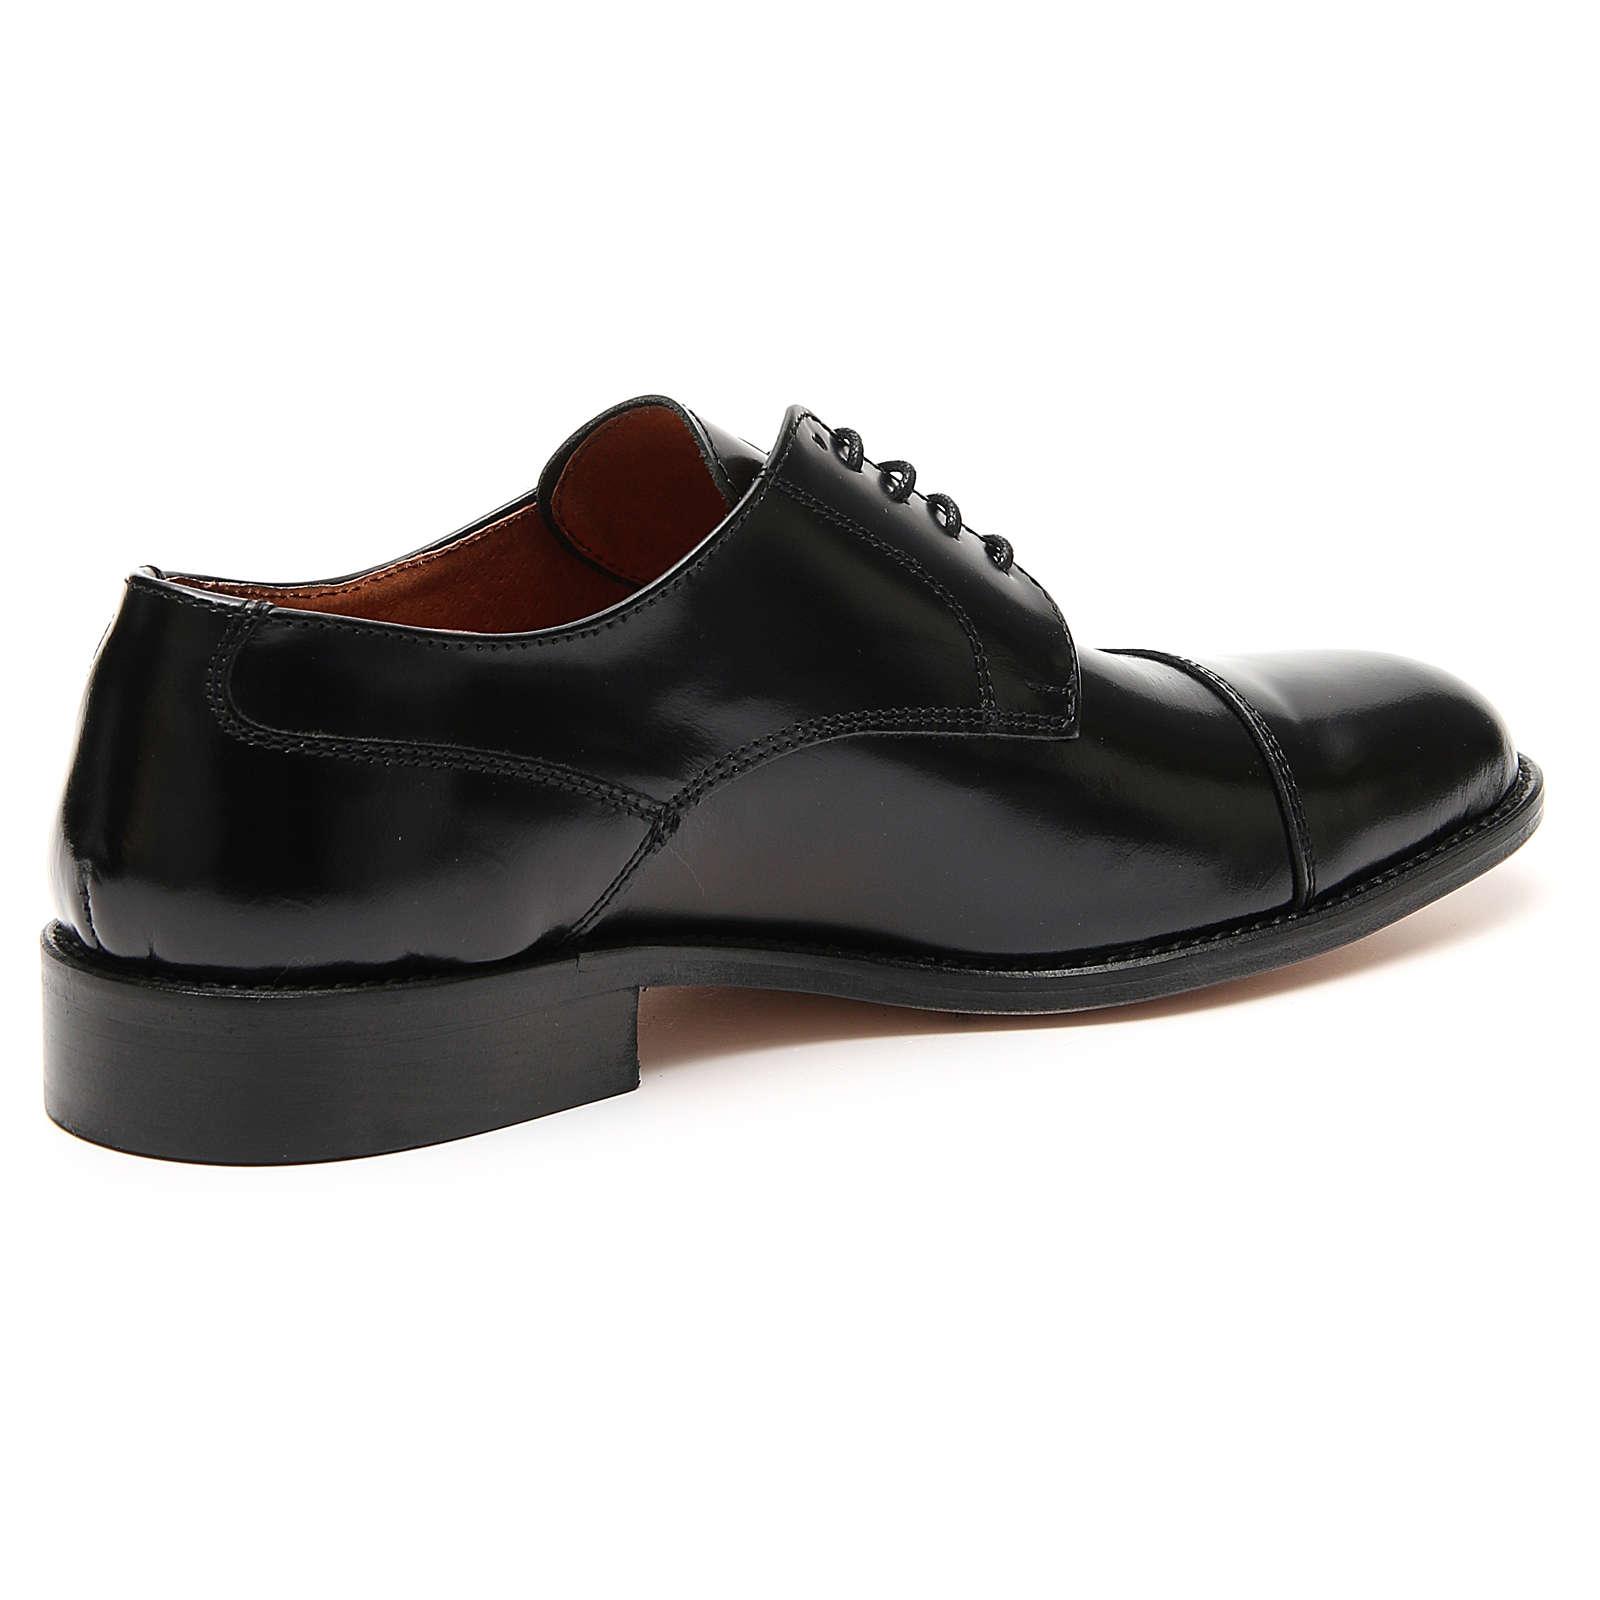 Scarpe vera pelle abrasivato nero taglio in punta 4